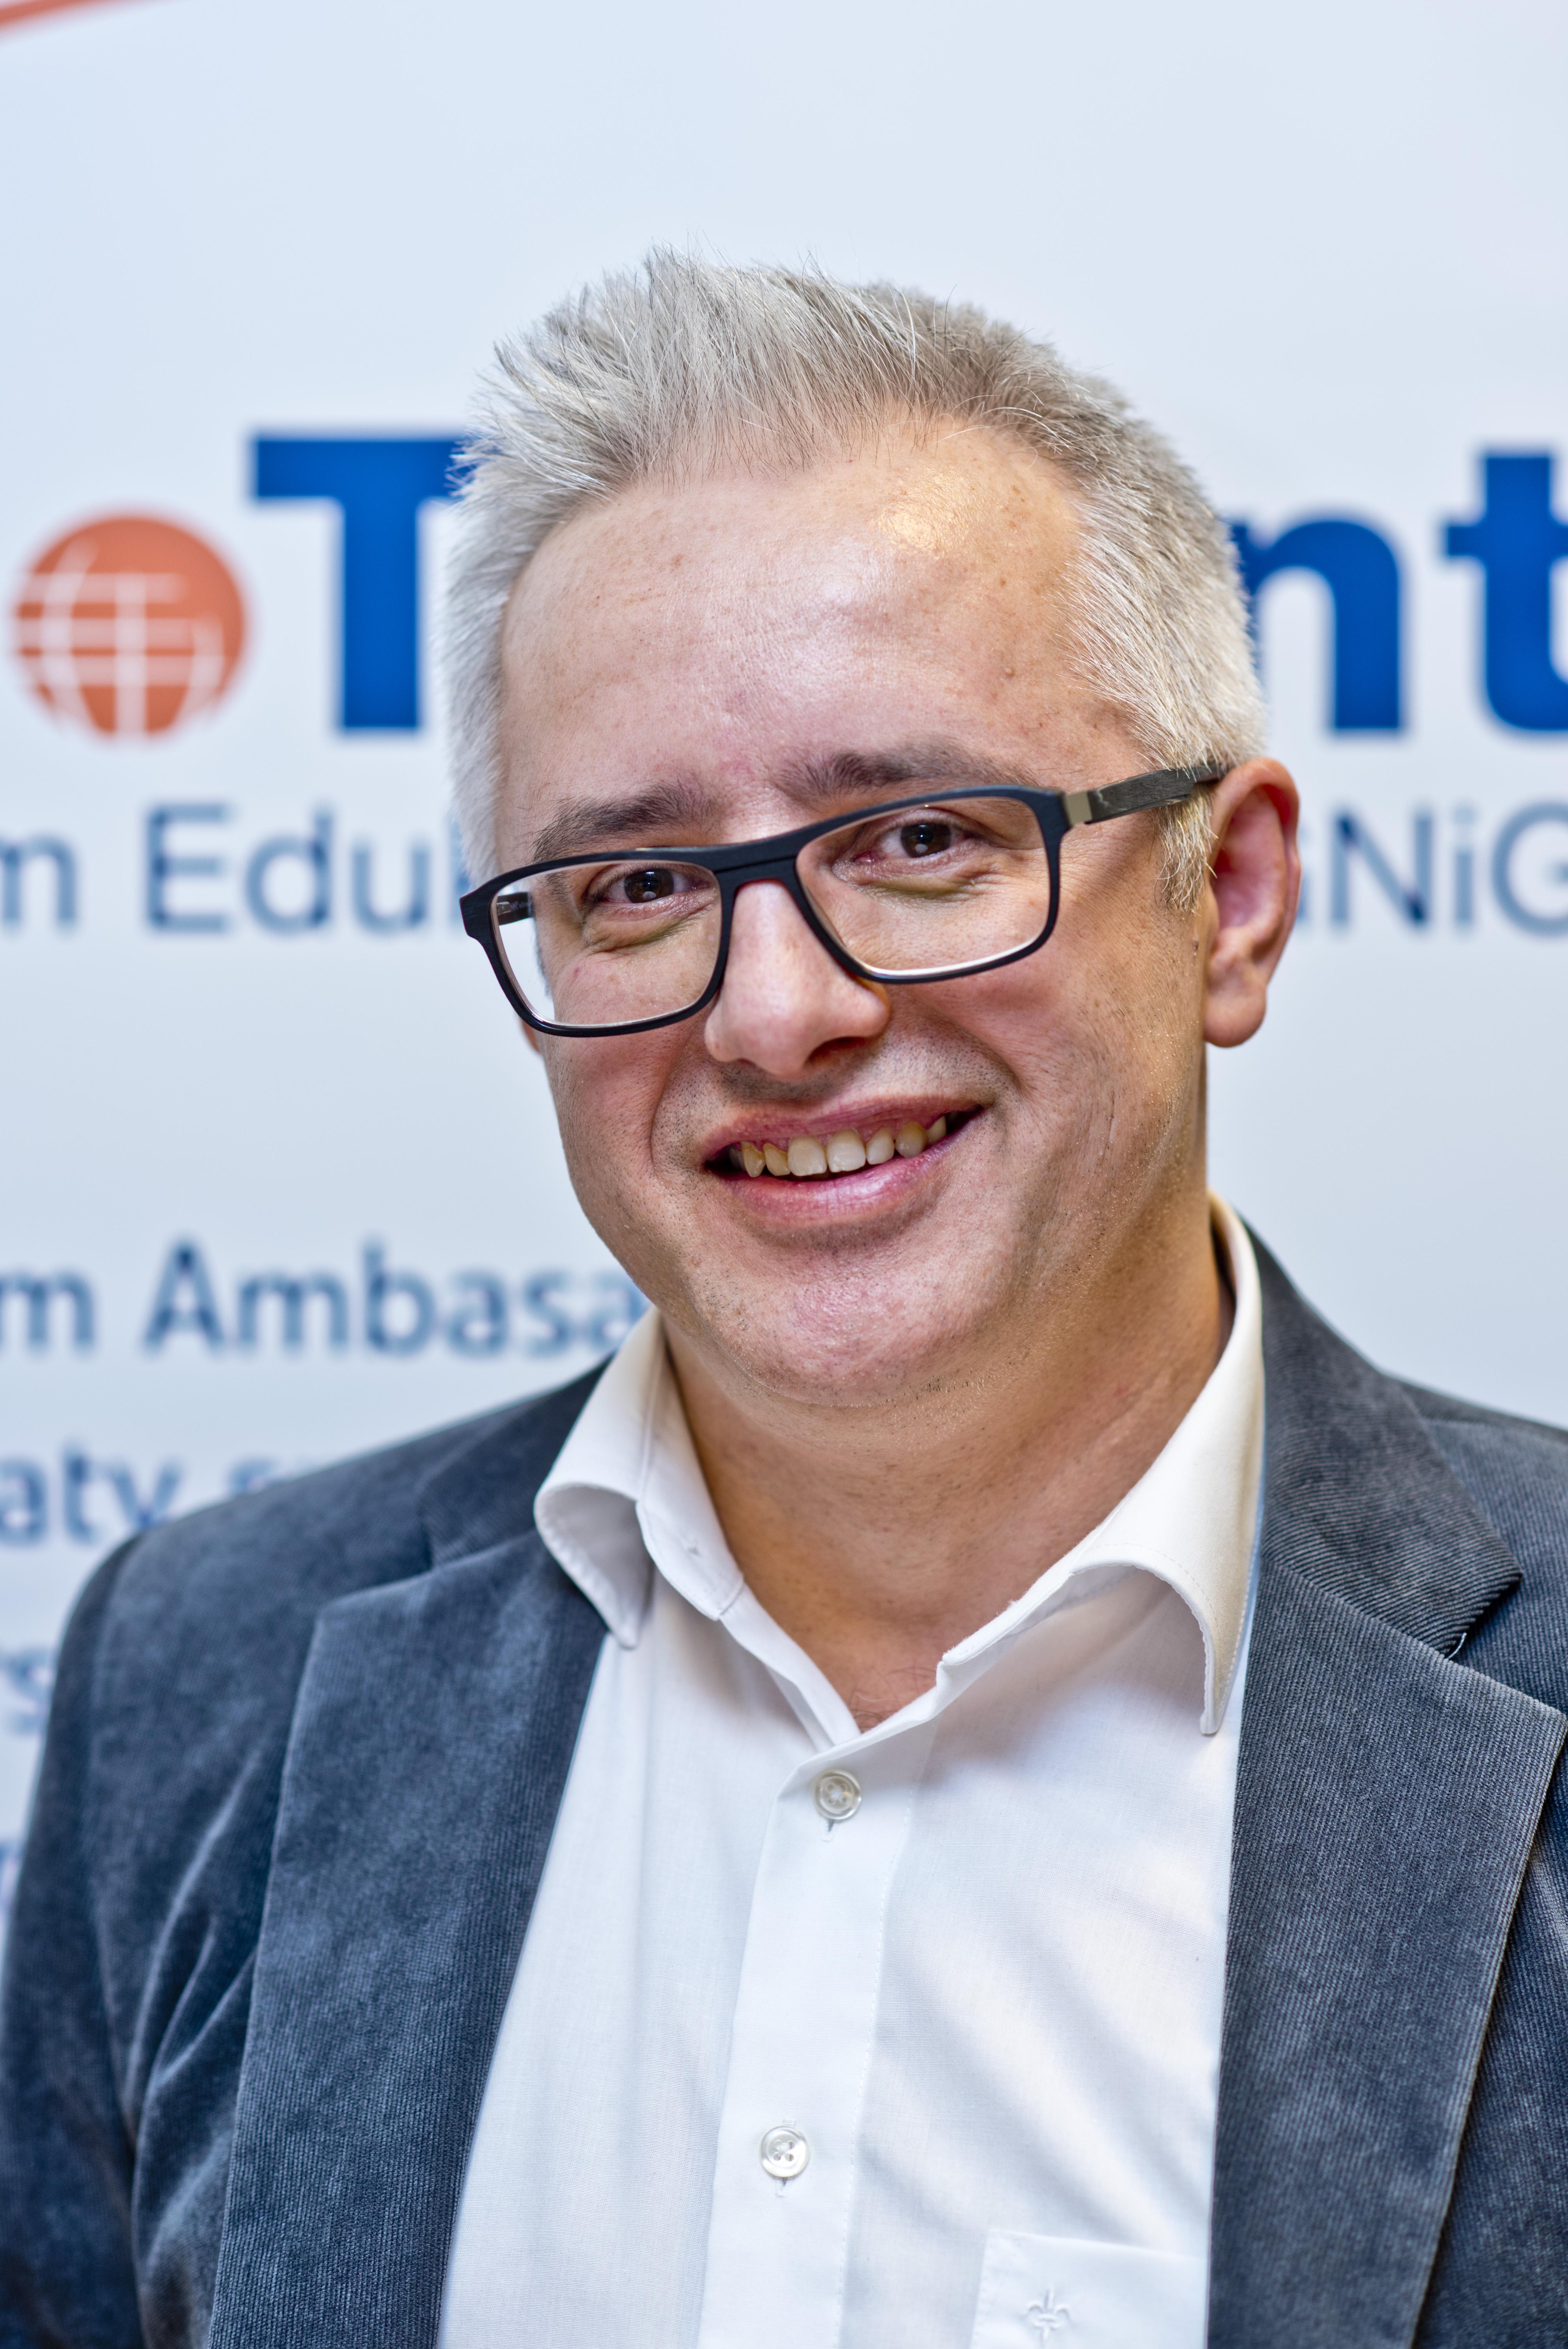 Zbigniew Mikołajewski